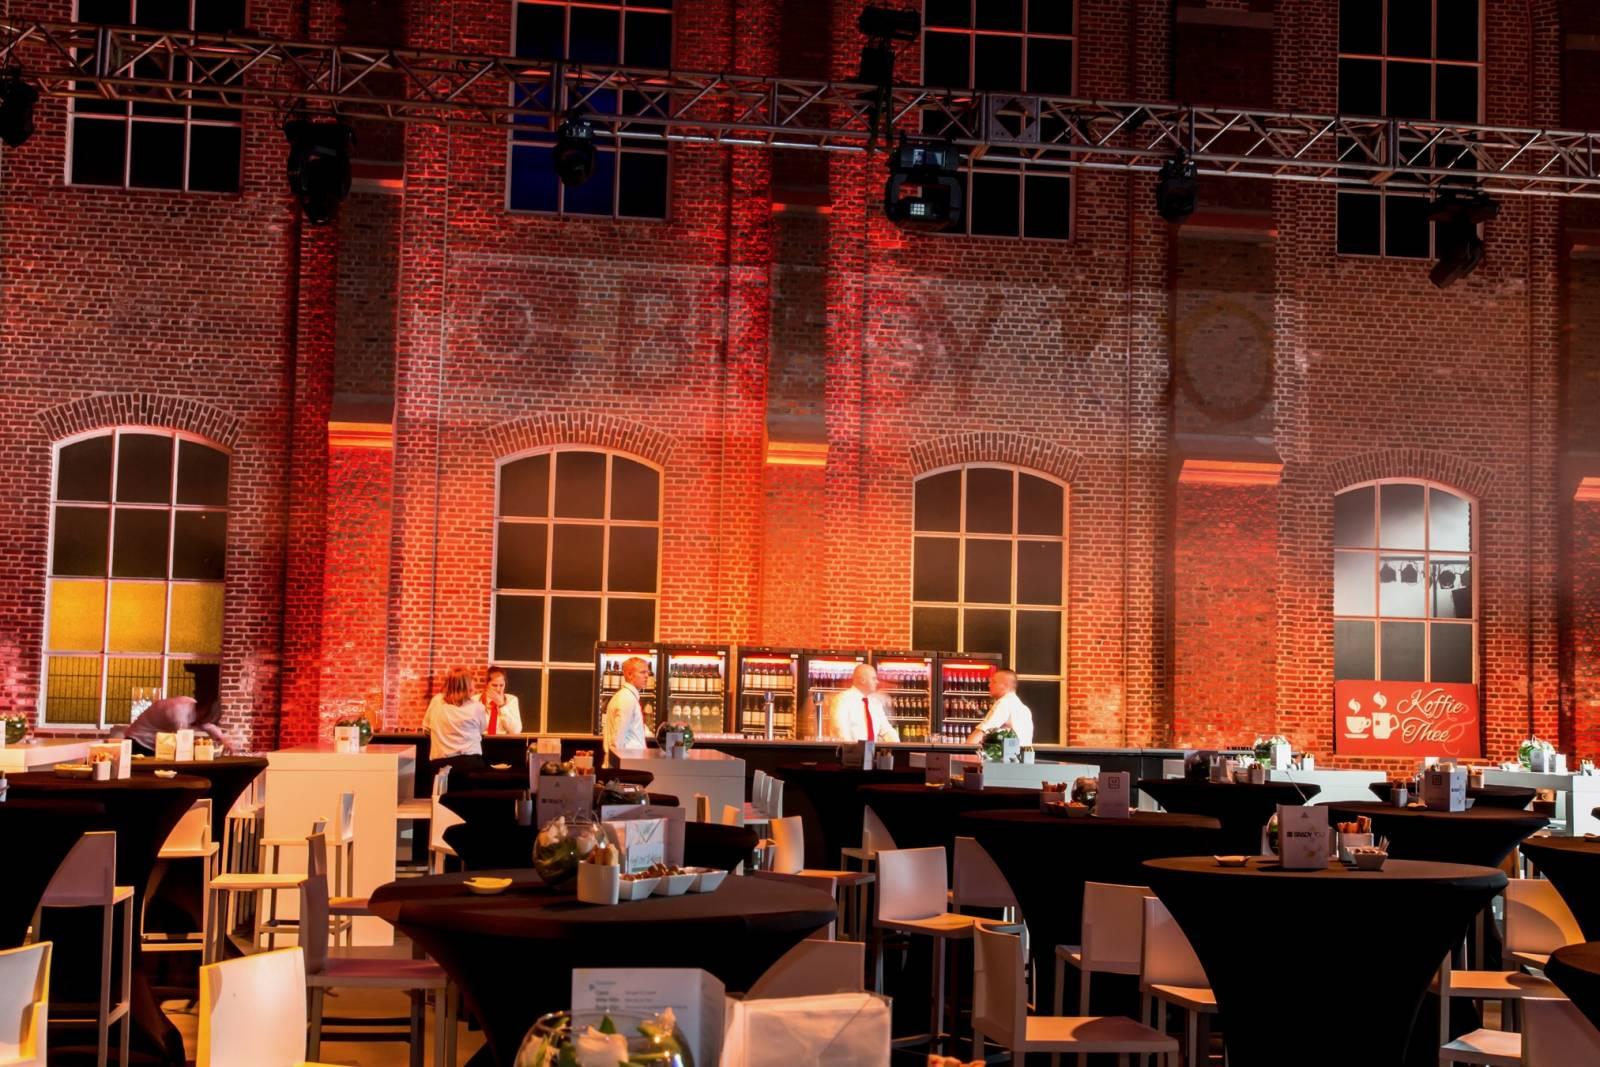 Hangar 43 - Feestzaal - Feestlocatie - Industrieel - Dendermonde (Antwerpen) - House of Events - 13